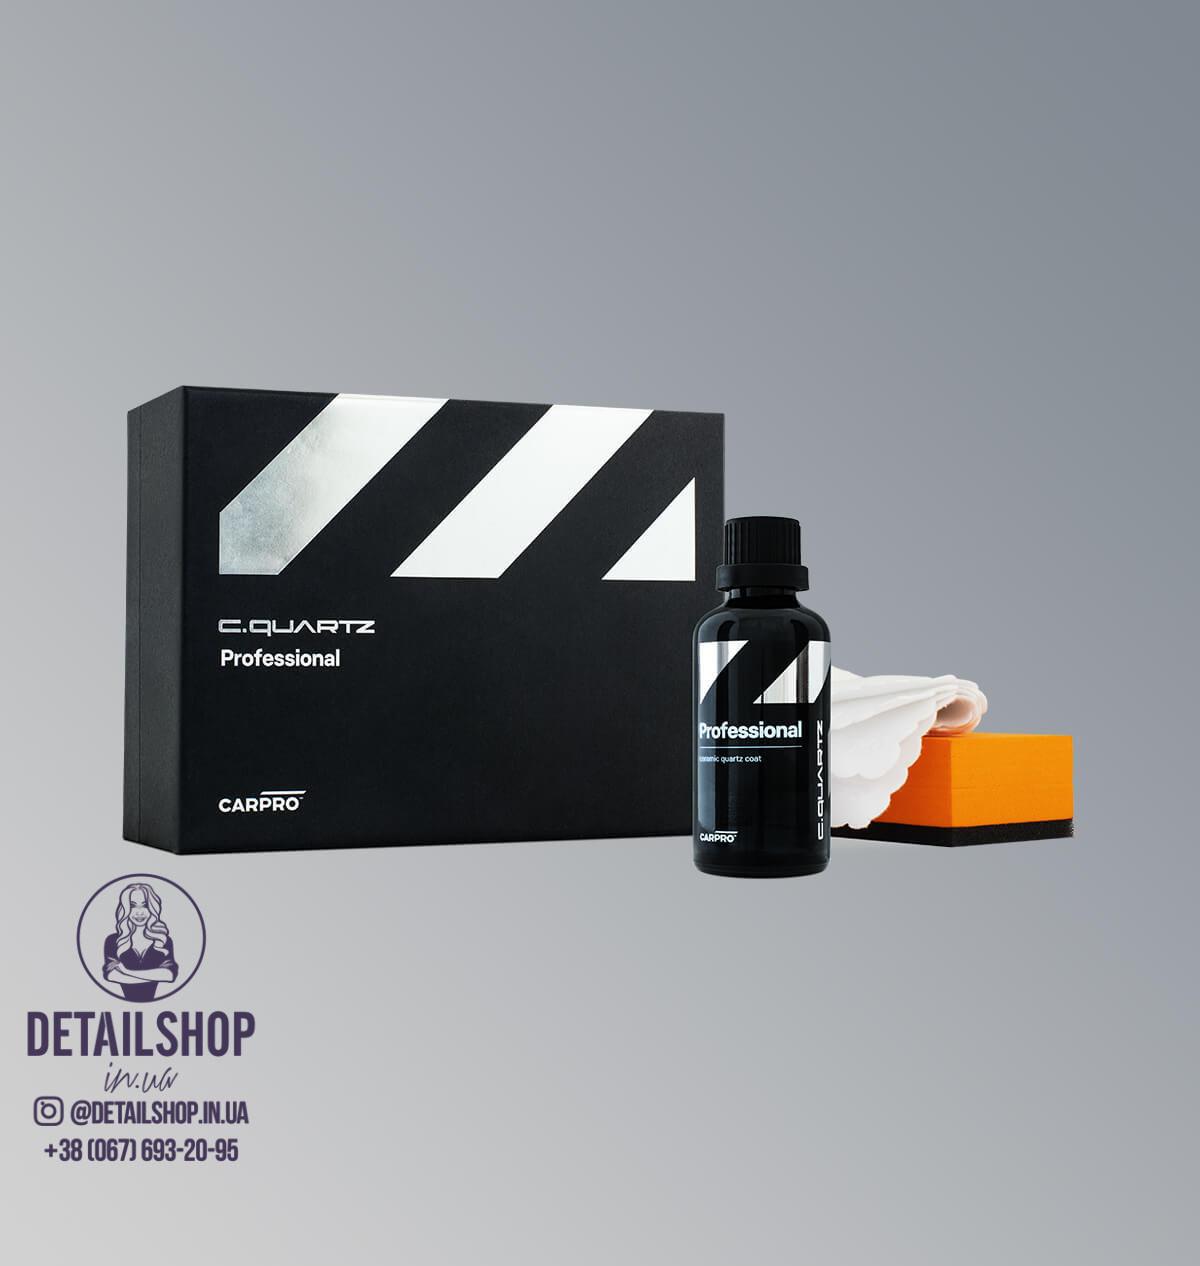 CarPro Cquartz Professional - нано керамическое защитное покрытие